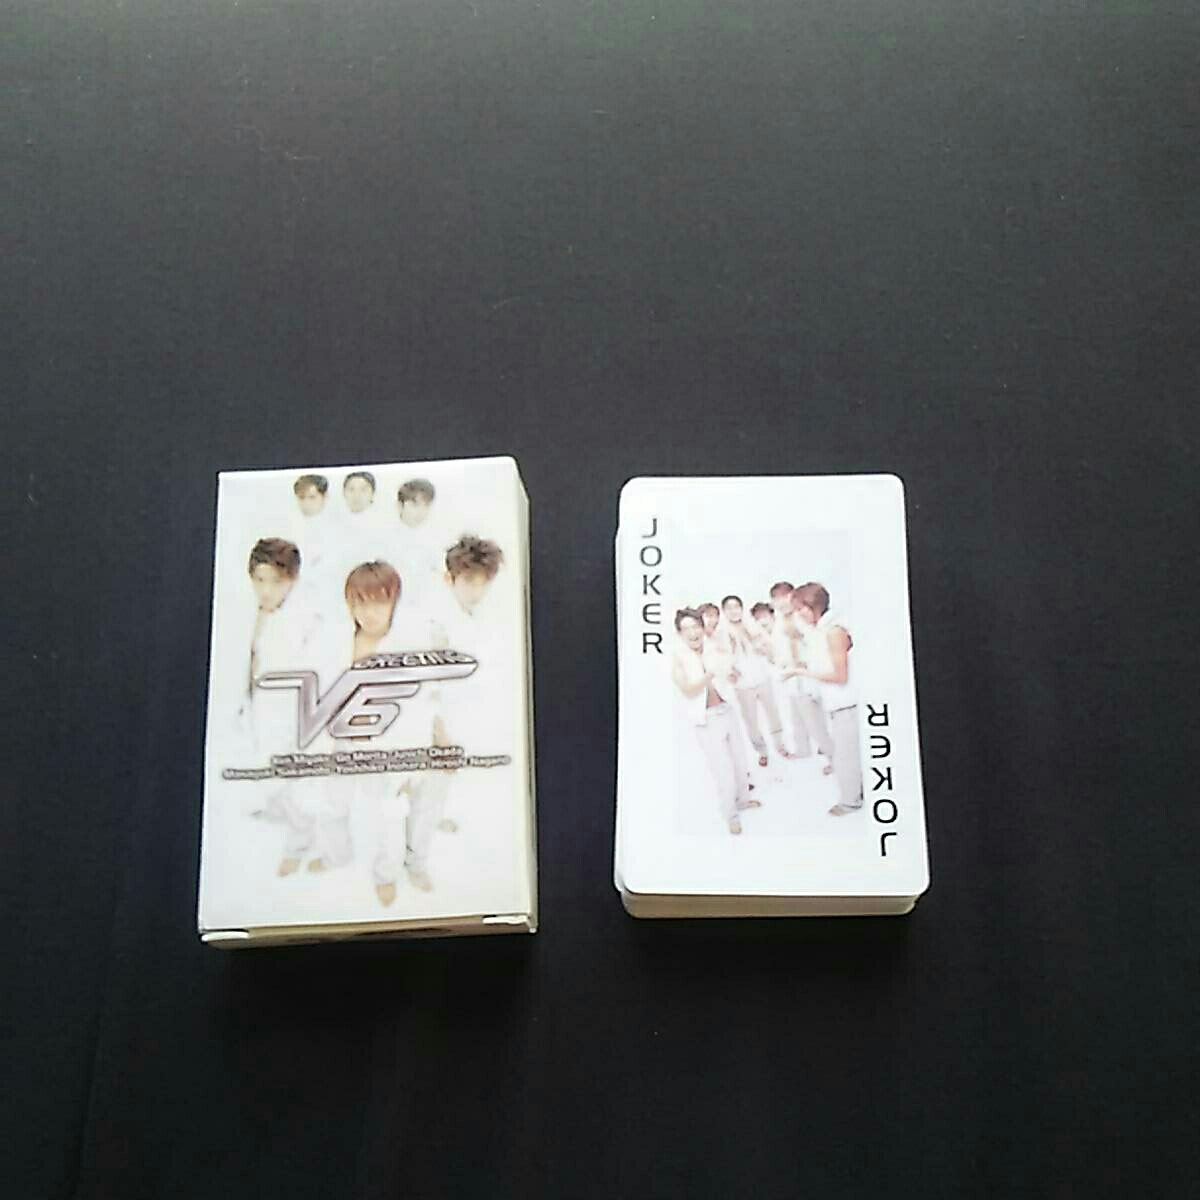 【新品】非売品 初回特典 ジャニーズ V6 トランプ CDアルバムより コンサートグッズの画像